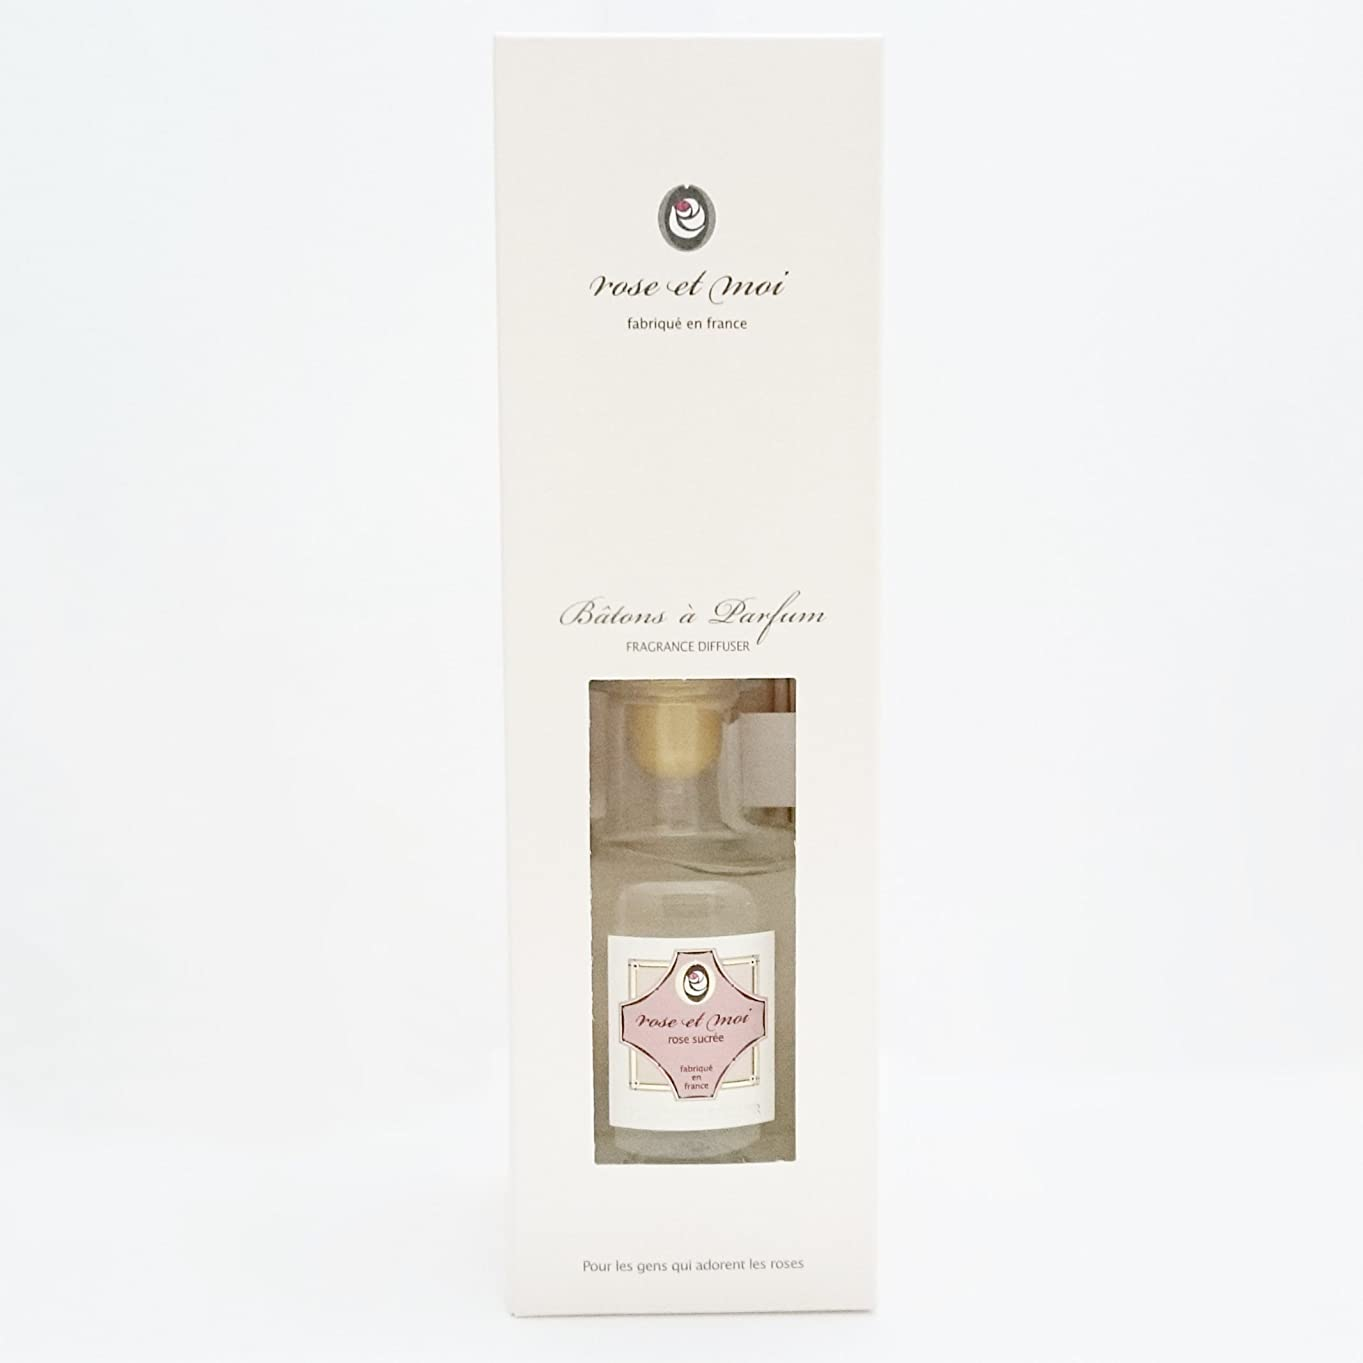 オアシス処方思いやり【ローズシュクレ】Lothantique(ロタンティック)  rose et moi(ローズ エ モア)  フレグランスディフューザー 200ml (rose sucree(ローズ シュクレ))4994228026972